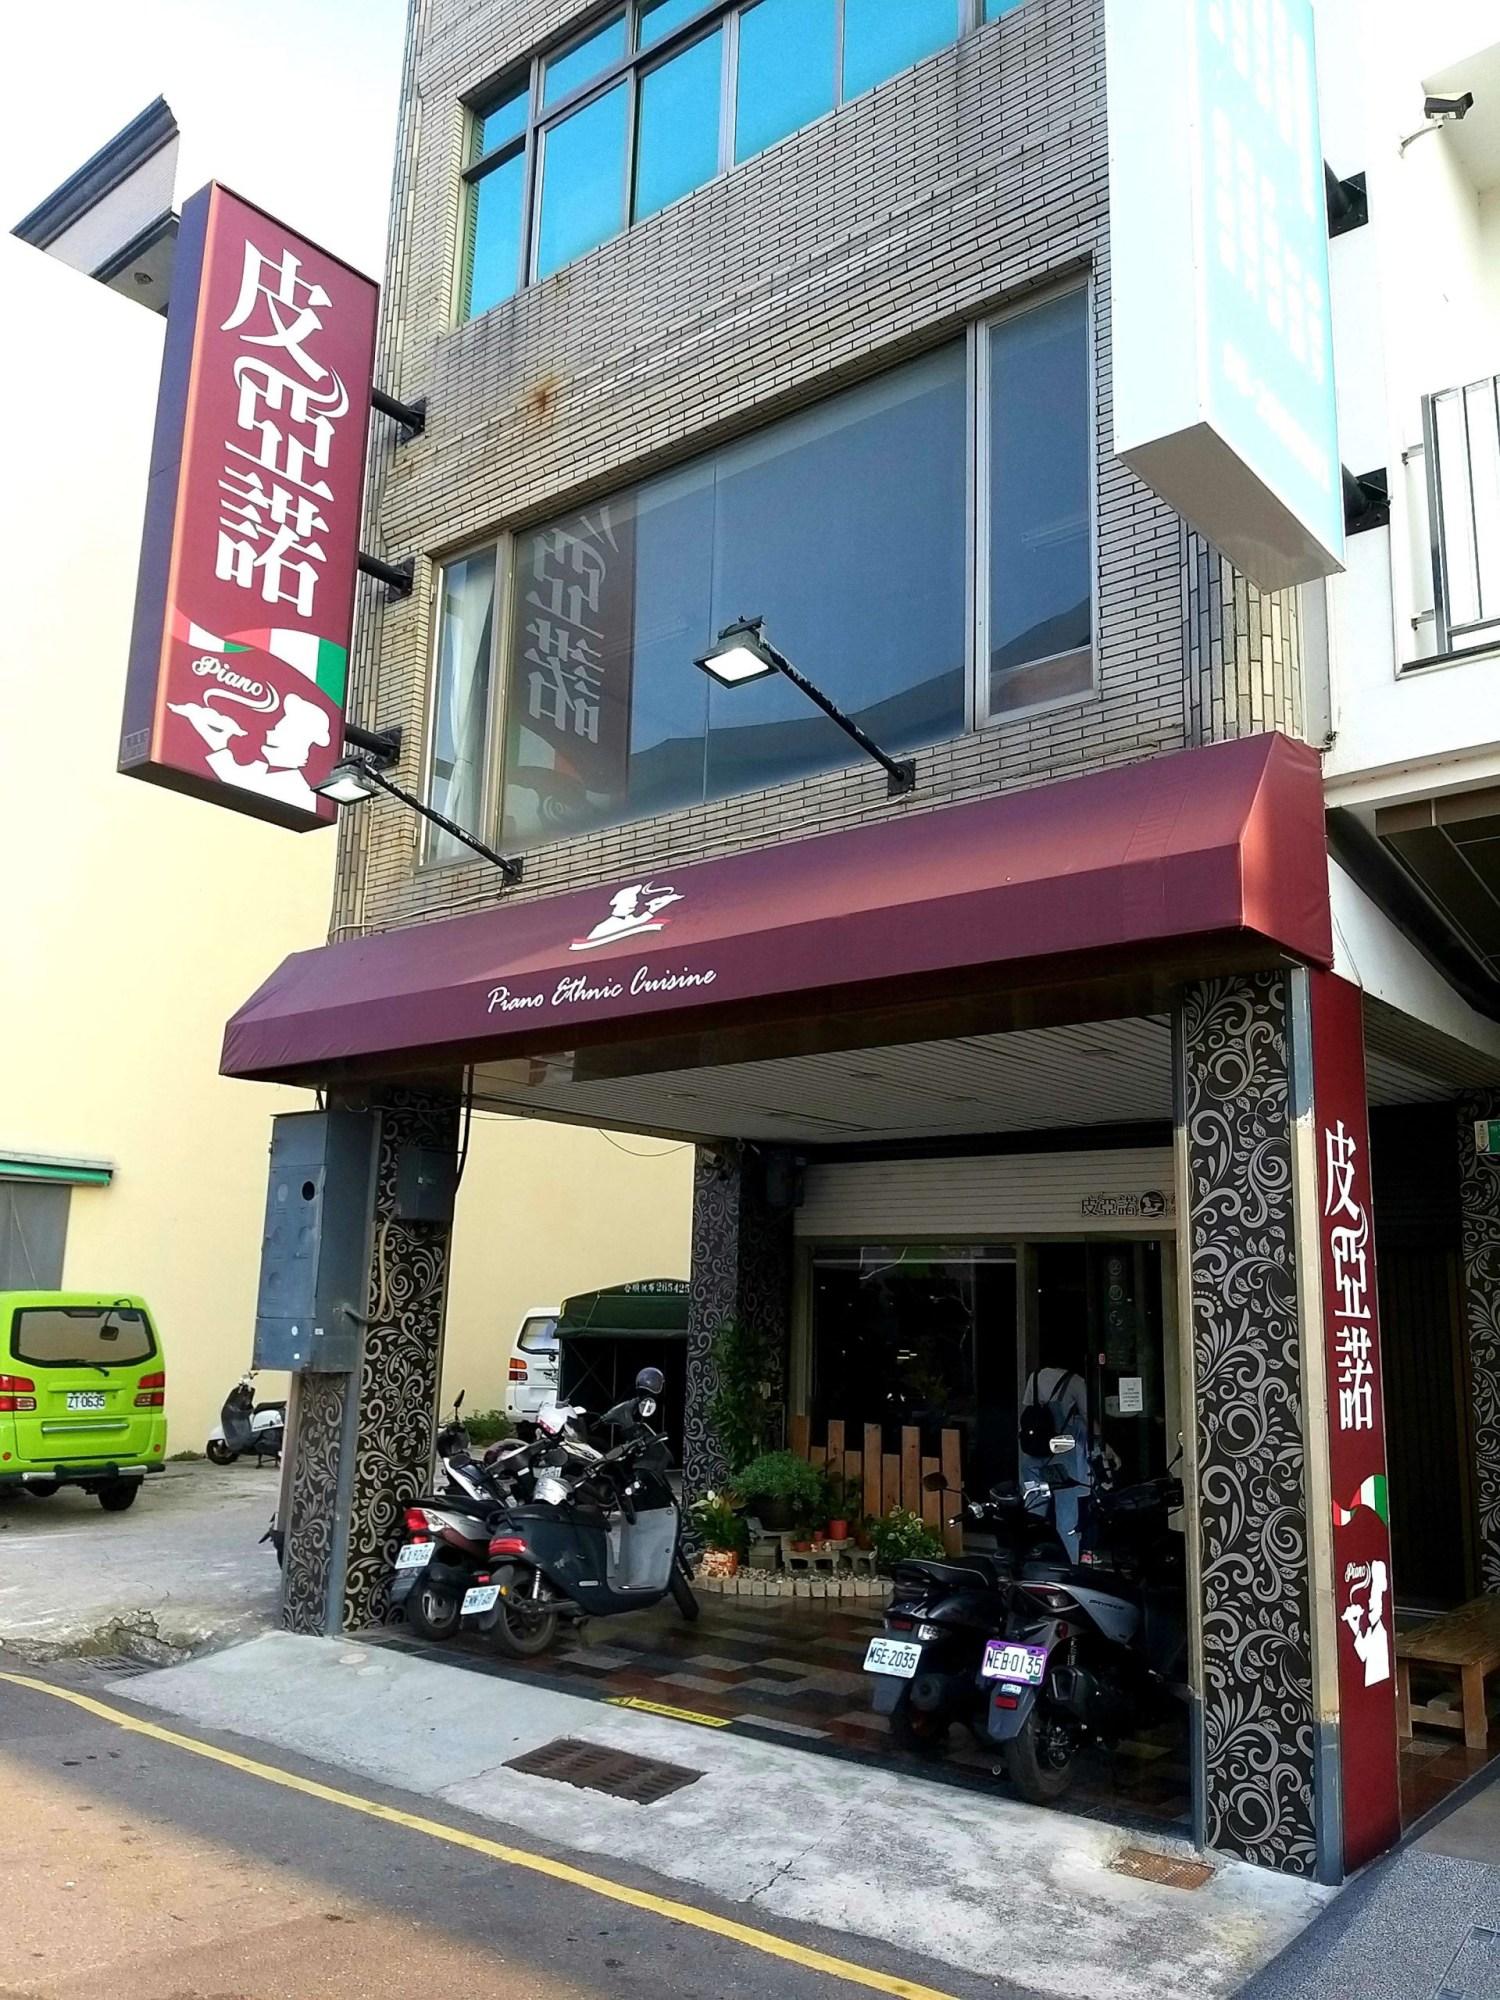 台南 安平區 皮亞諾義大利廚房 皮耶諾異國料理姐妹店